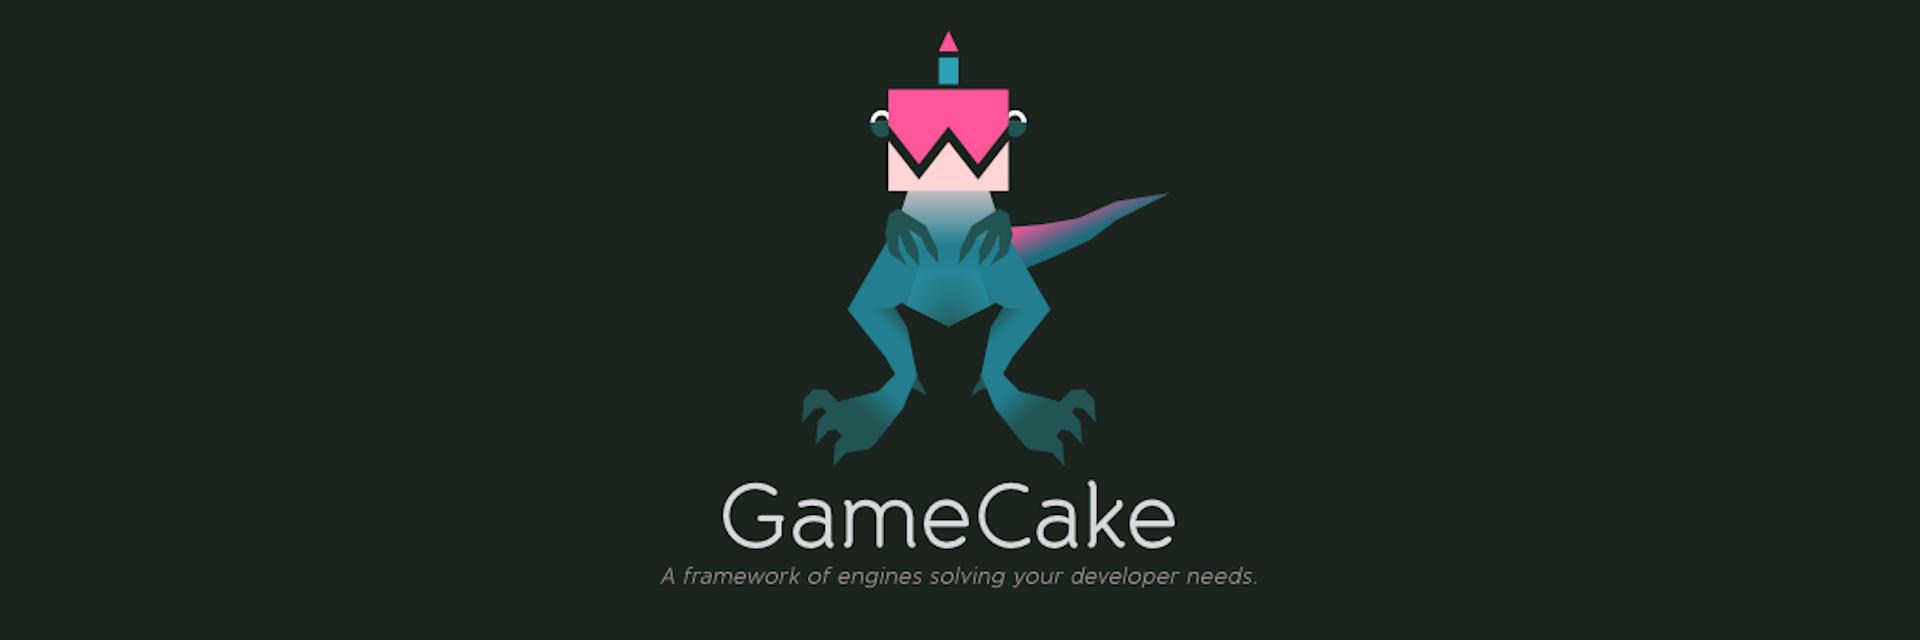 gamecake banner